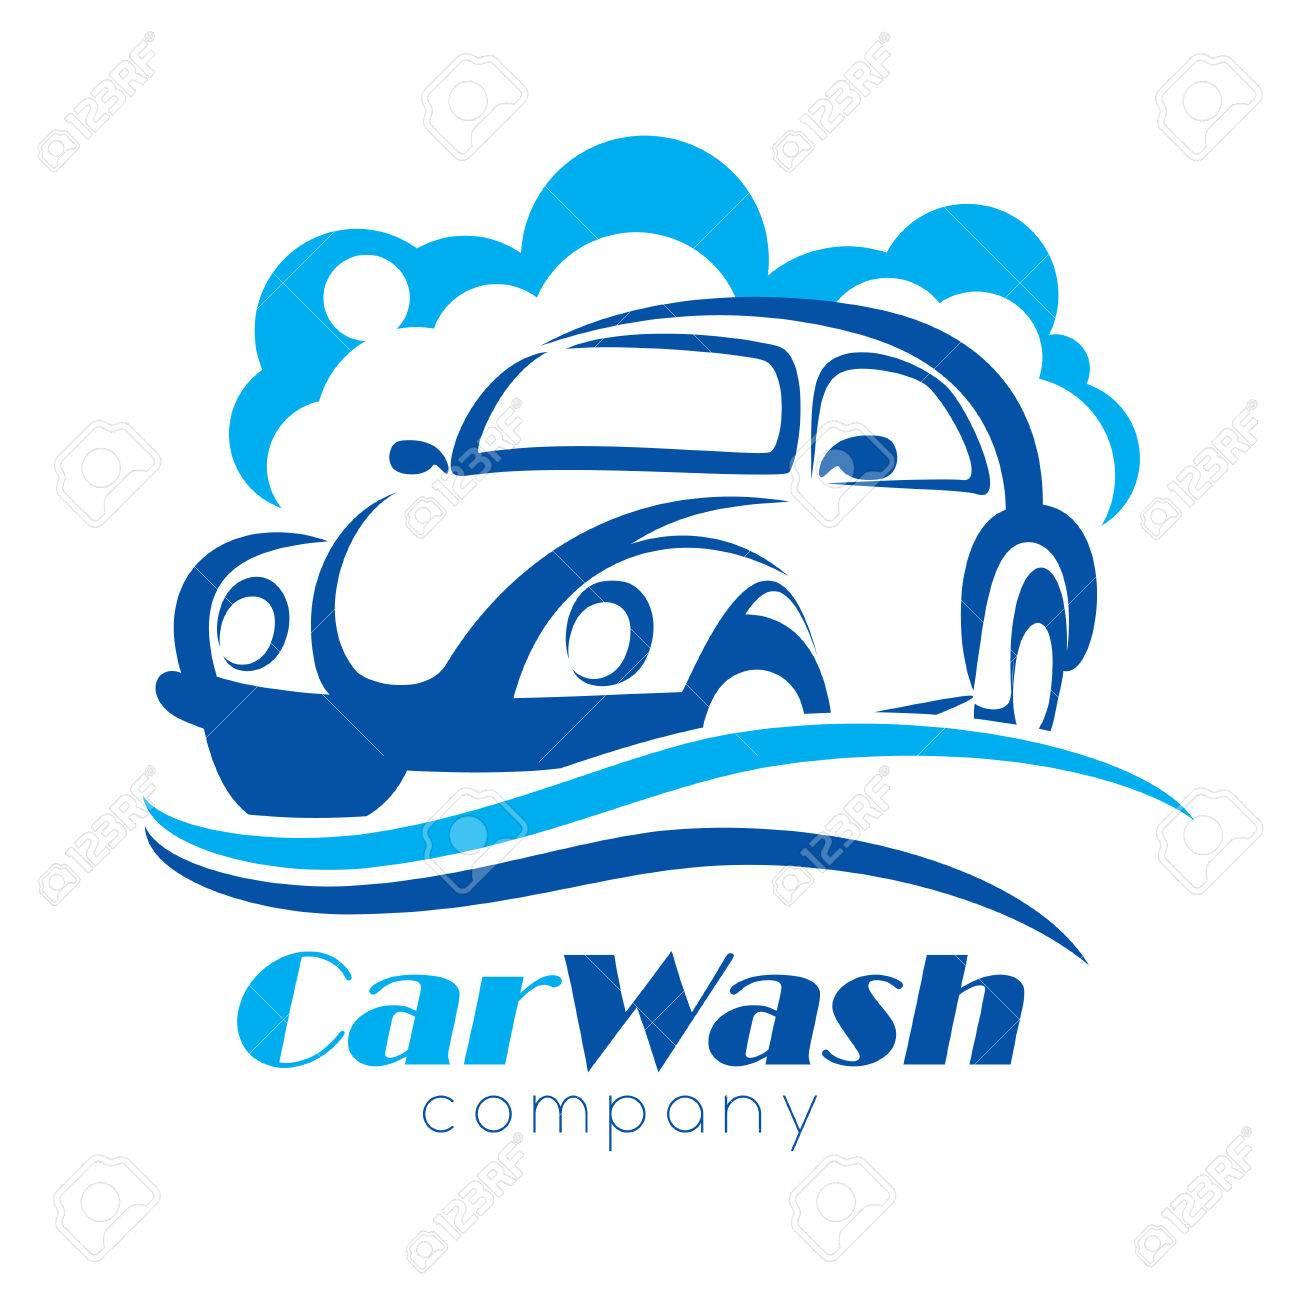 car wash stylized vector symbol design elements for logo template rh 123rf com free car wash logo design free car wash logo design